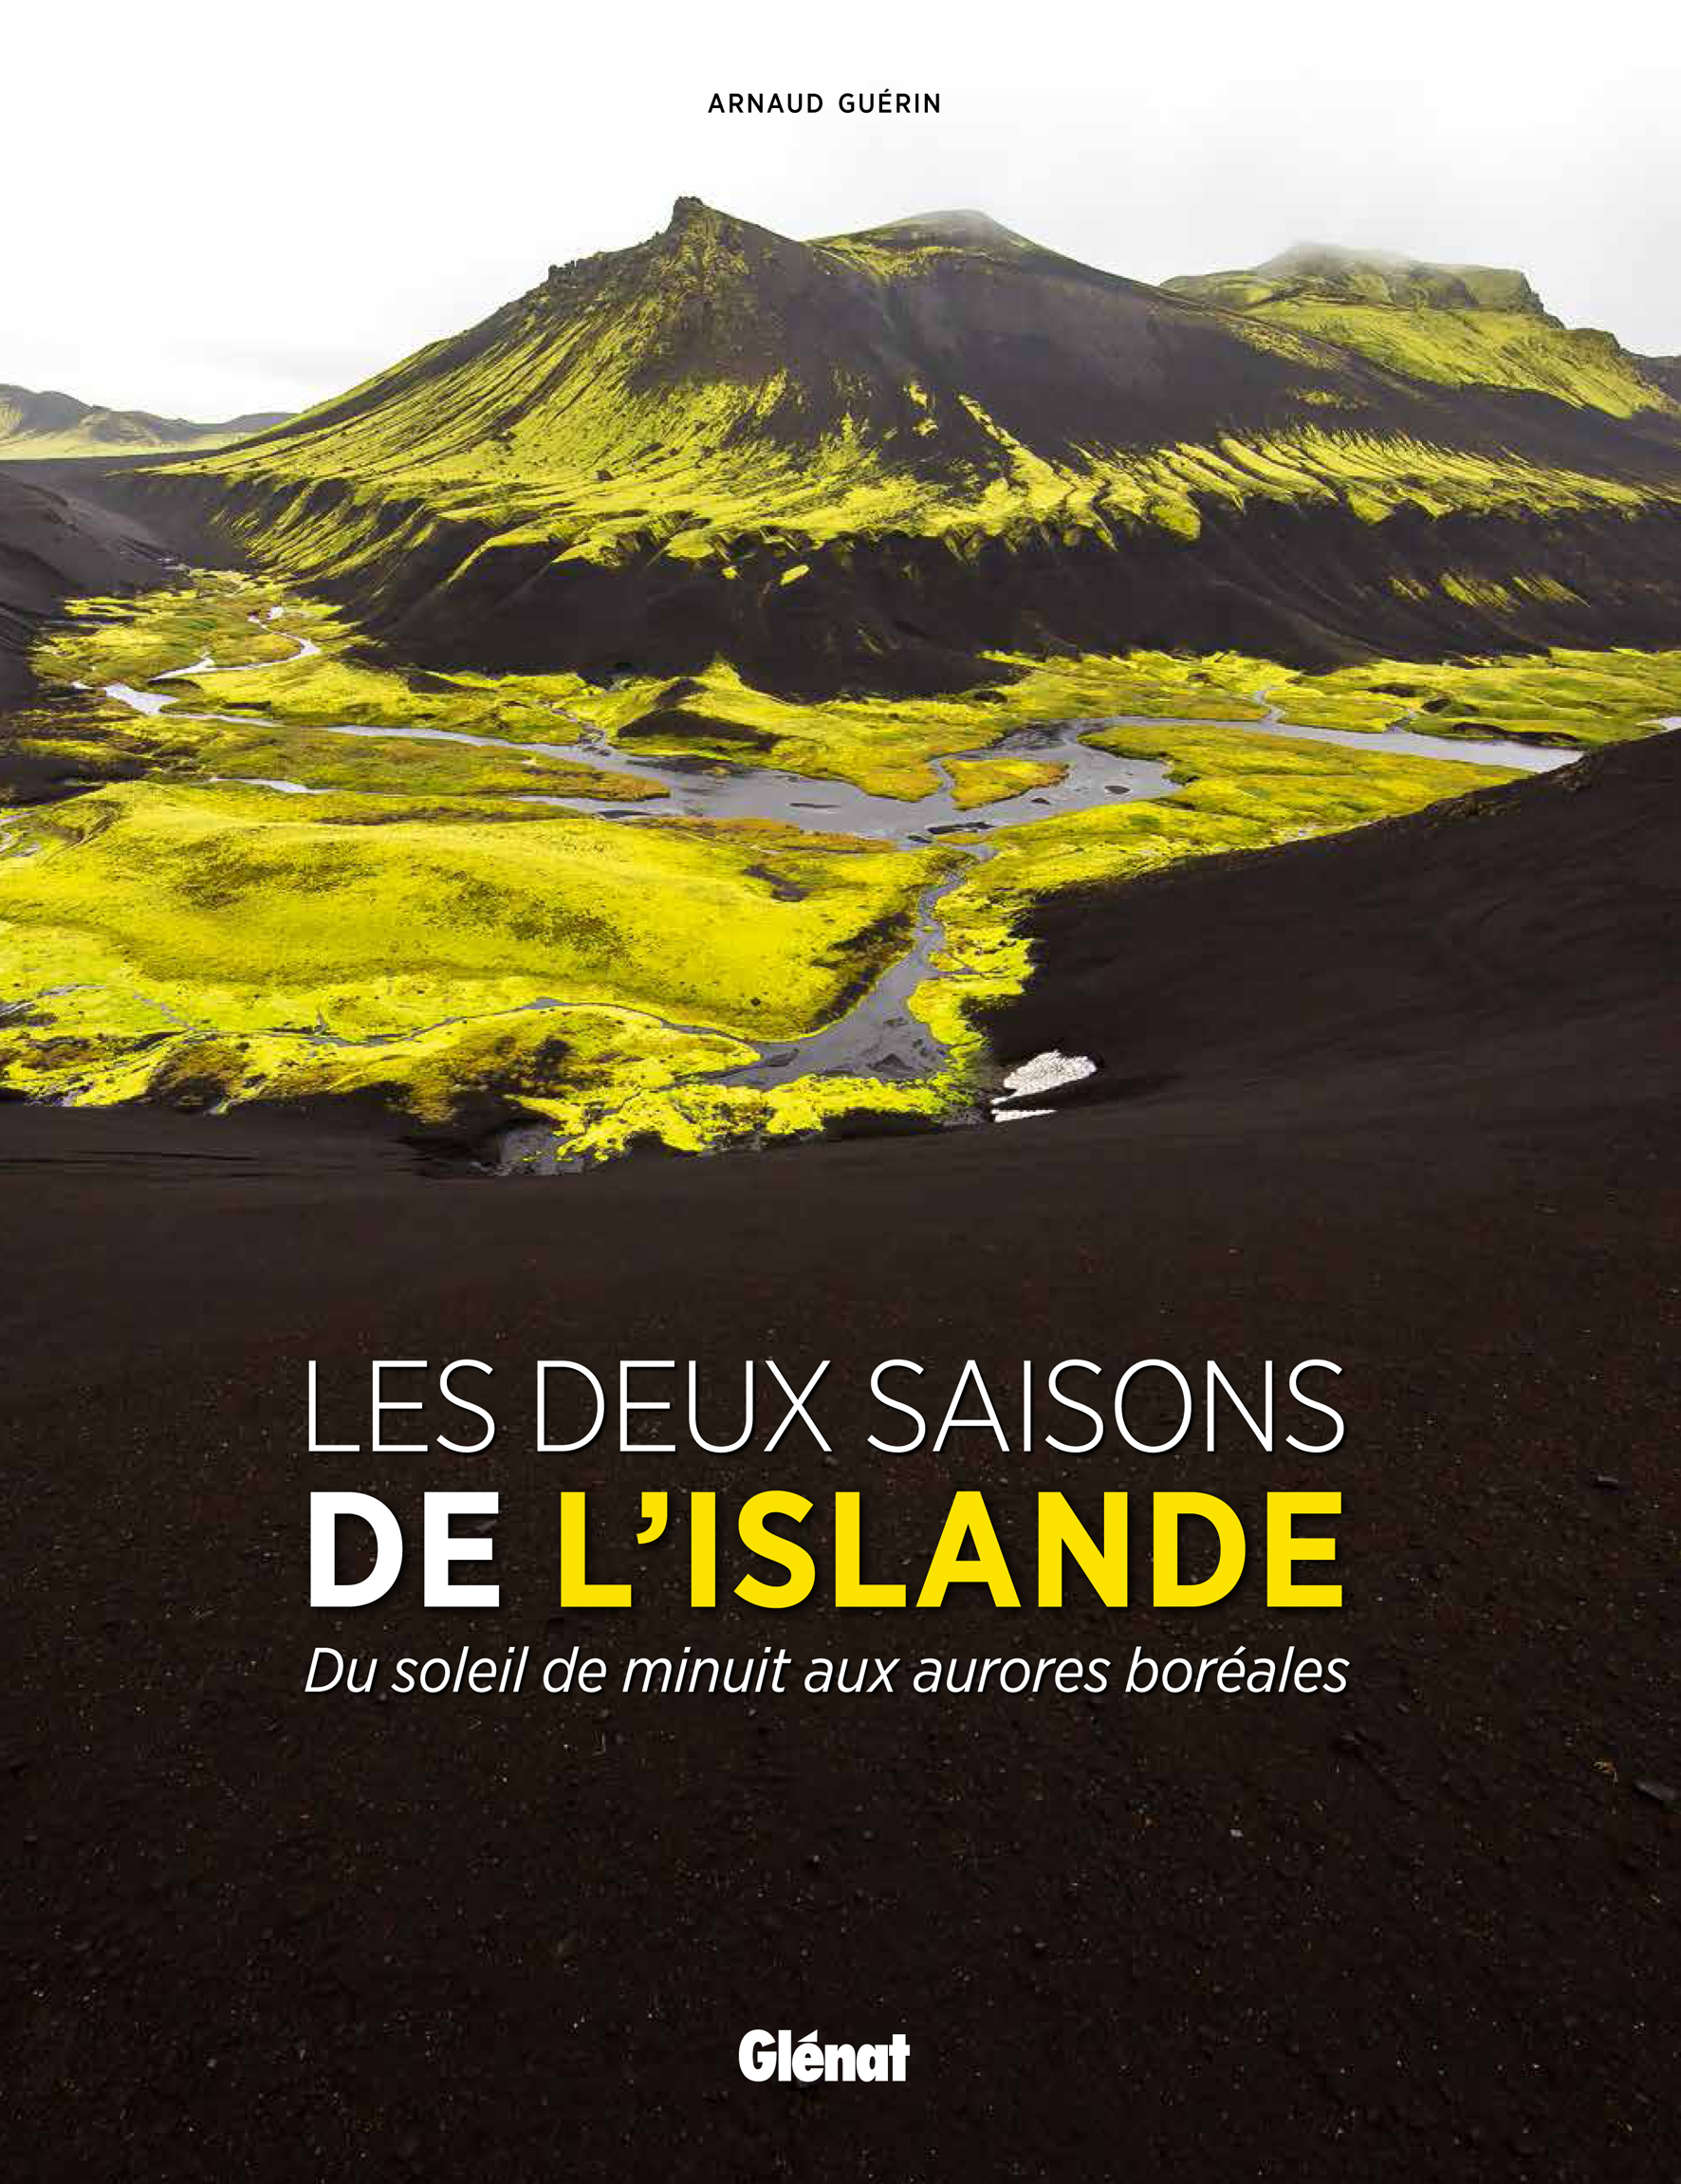 LES DEUX SAISONS DE L'ISLANDE - Du soleil de minuit aux aurores boréales